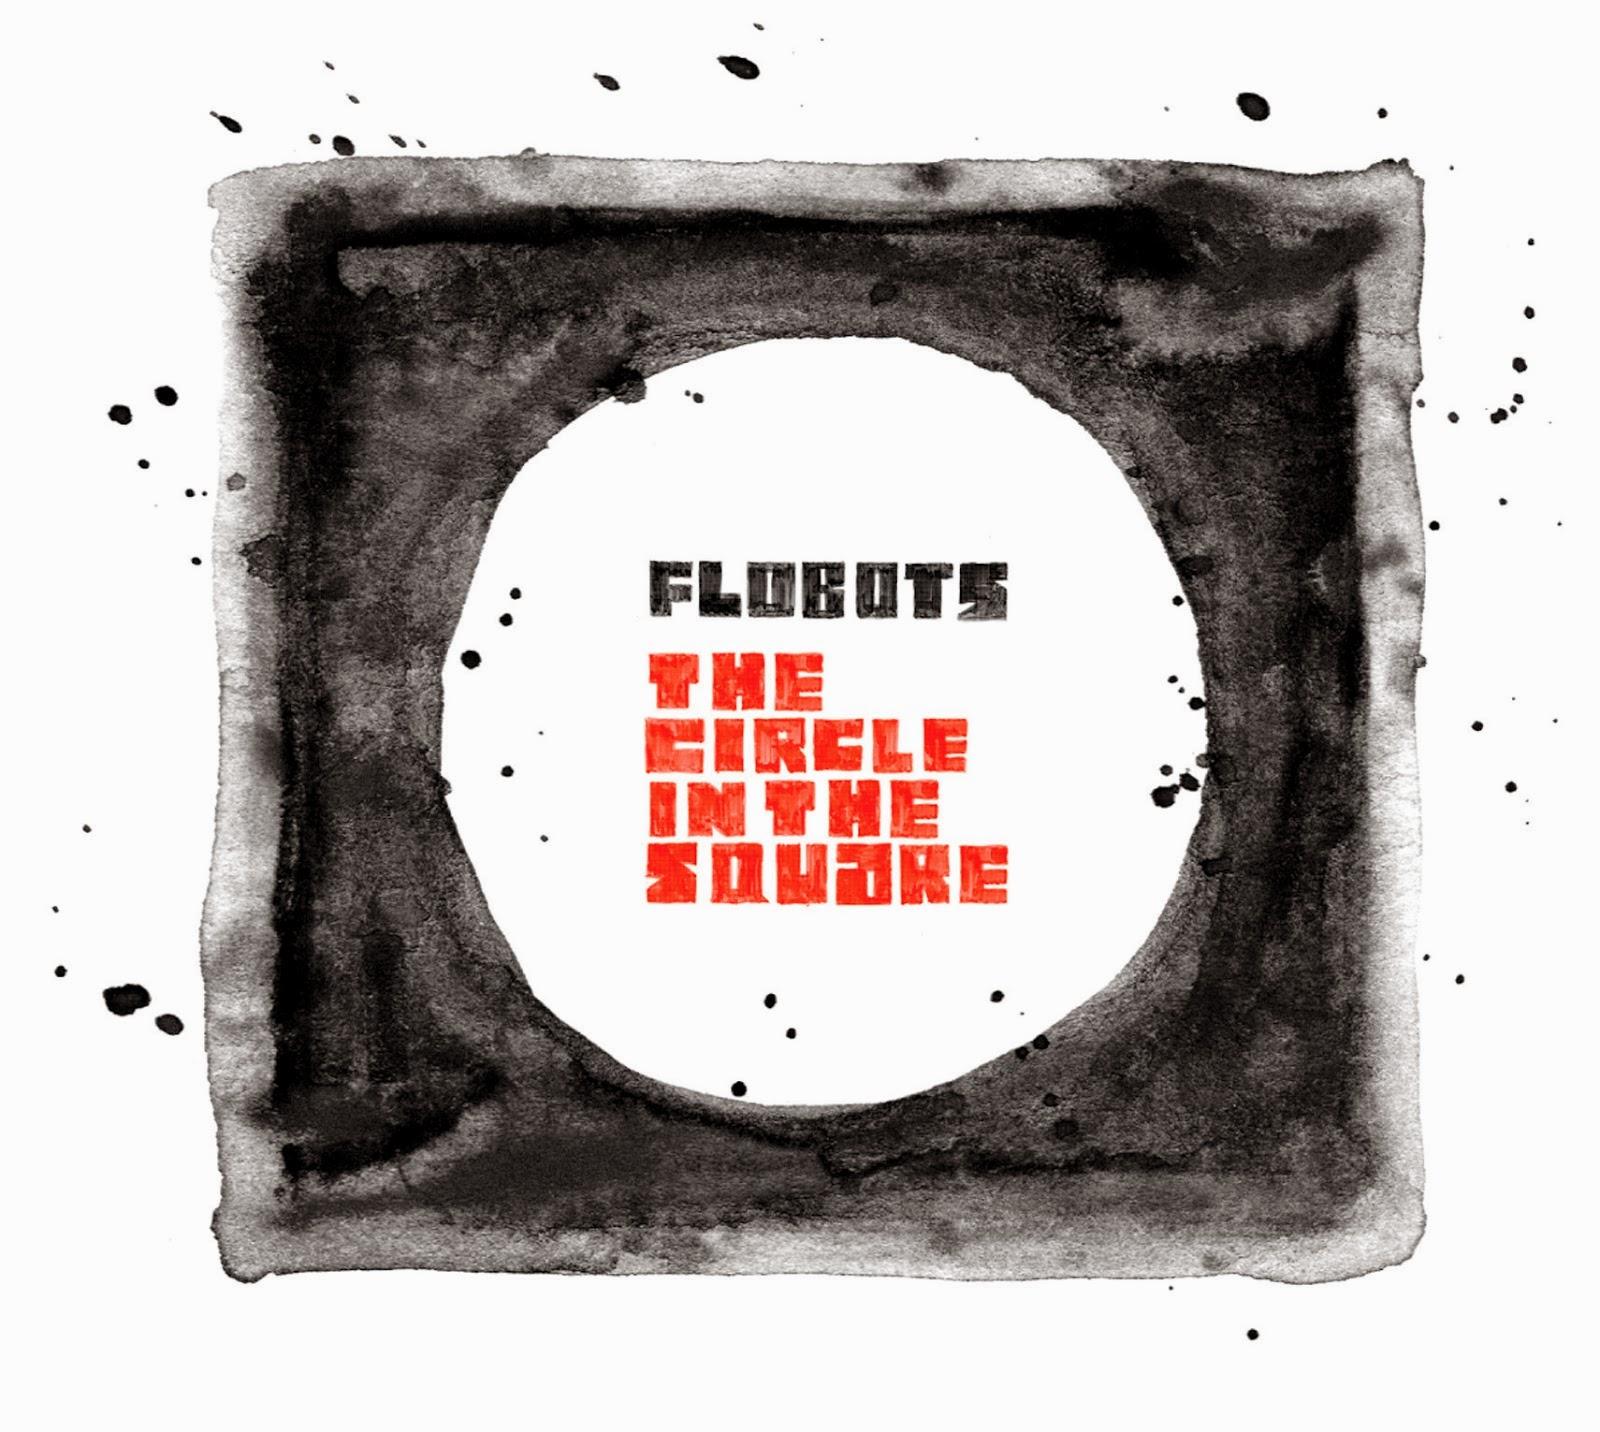 flobots.com